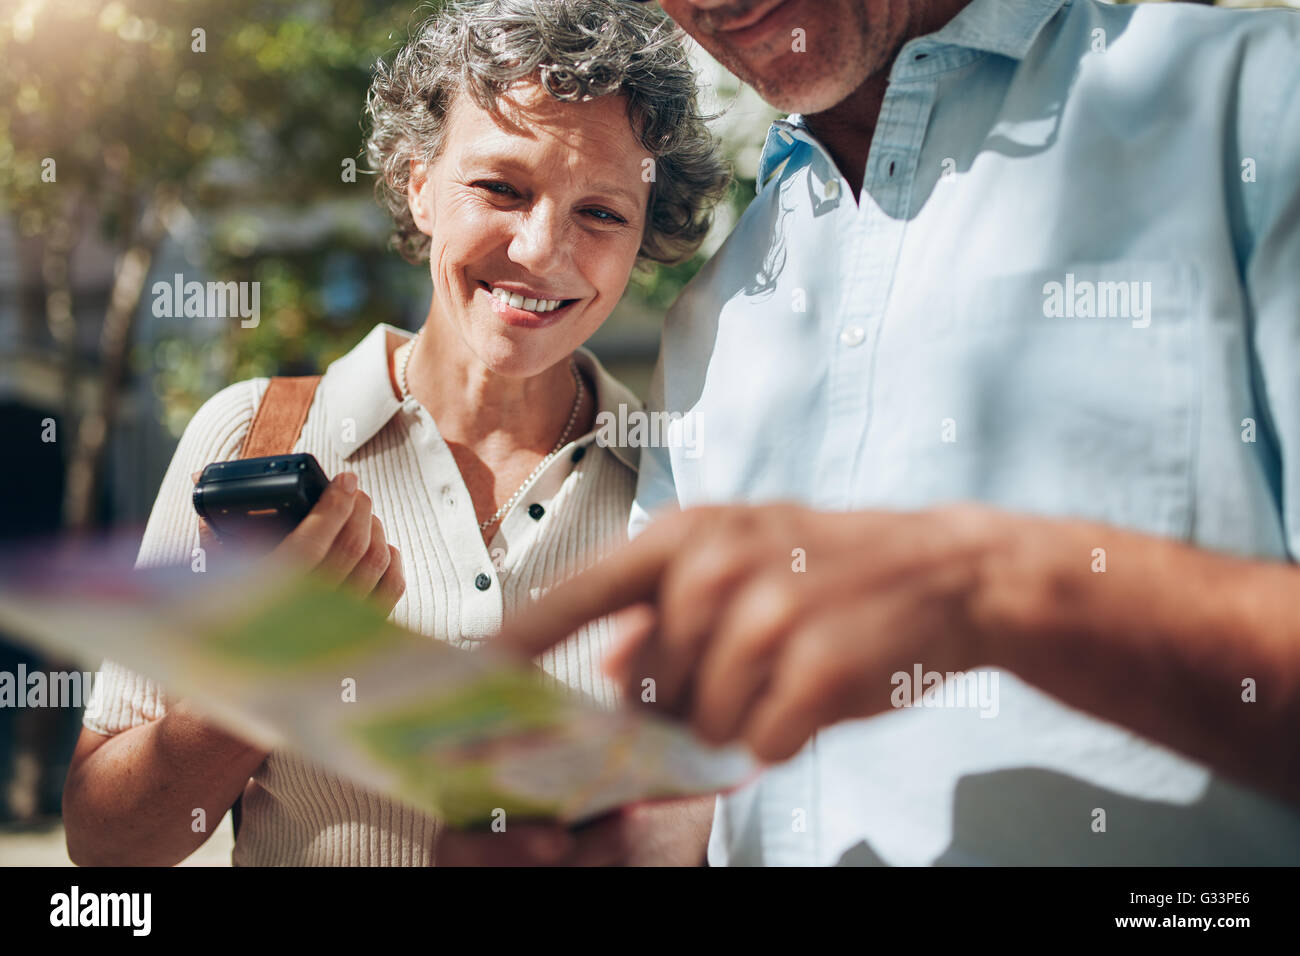 Coppia di mezza età guardando la mappa della città. Felice donna matura con suo marito in una vacanza Immagini Stock